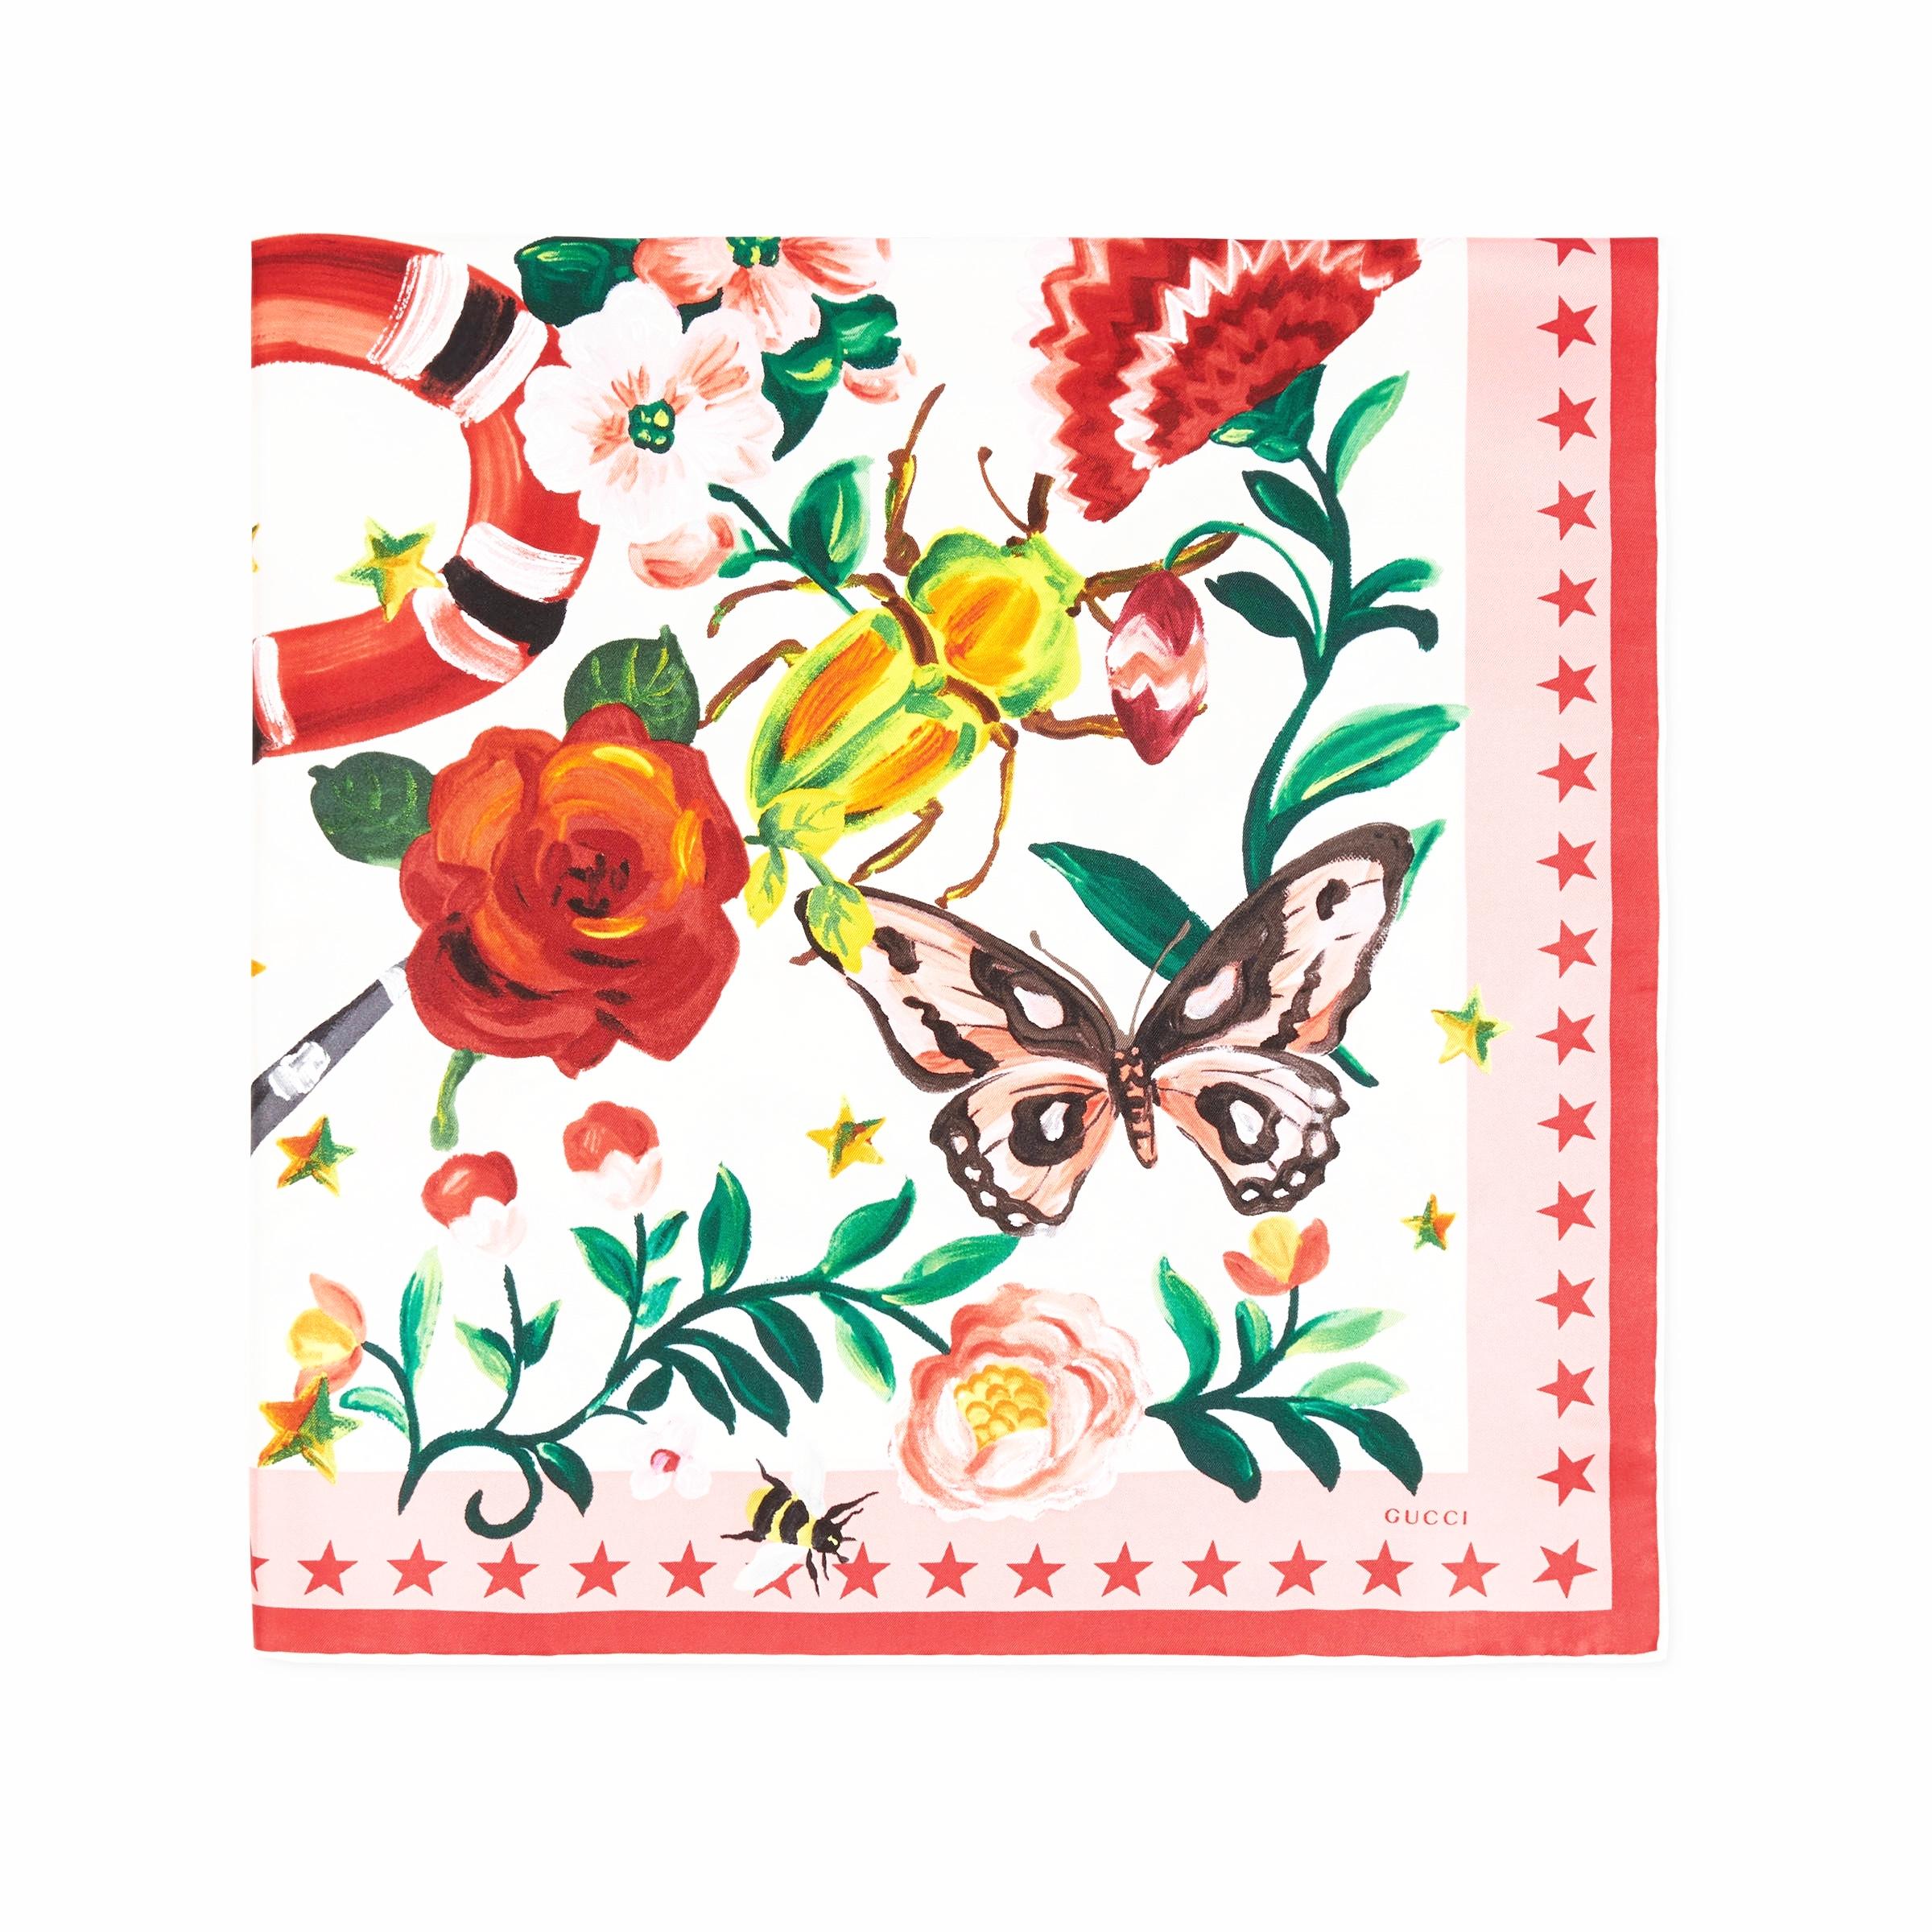 431871_3G001_9272_001_100_0000_Light-Schal-mit-exklusivem-Gucci-Garden-Print.jpg